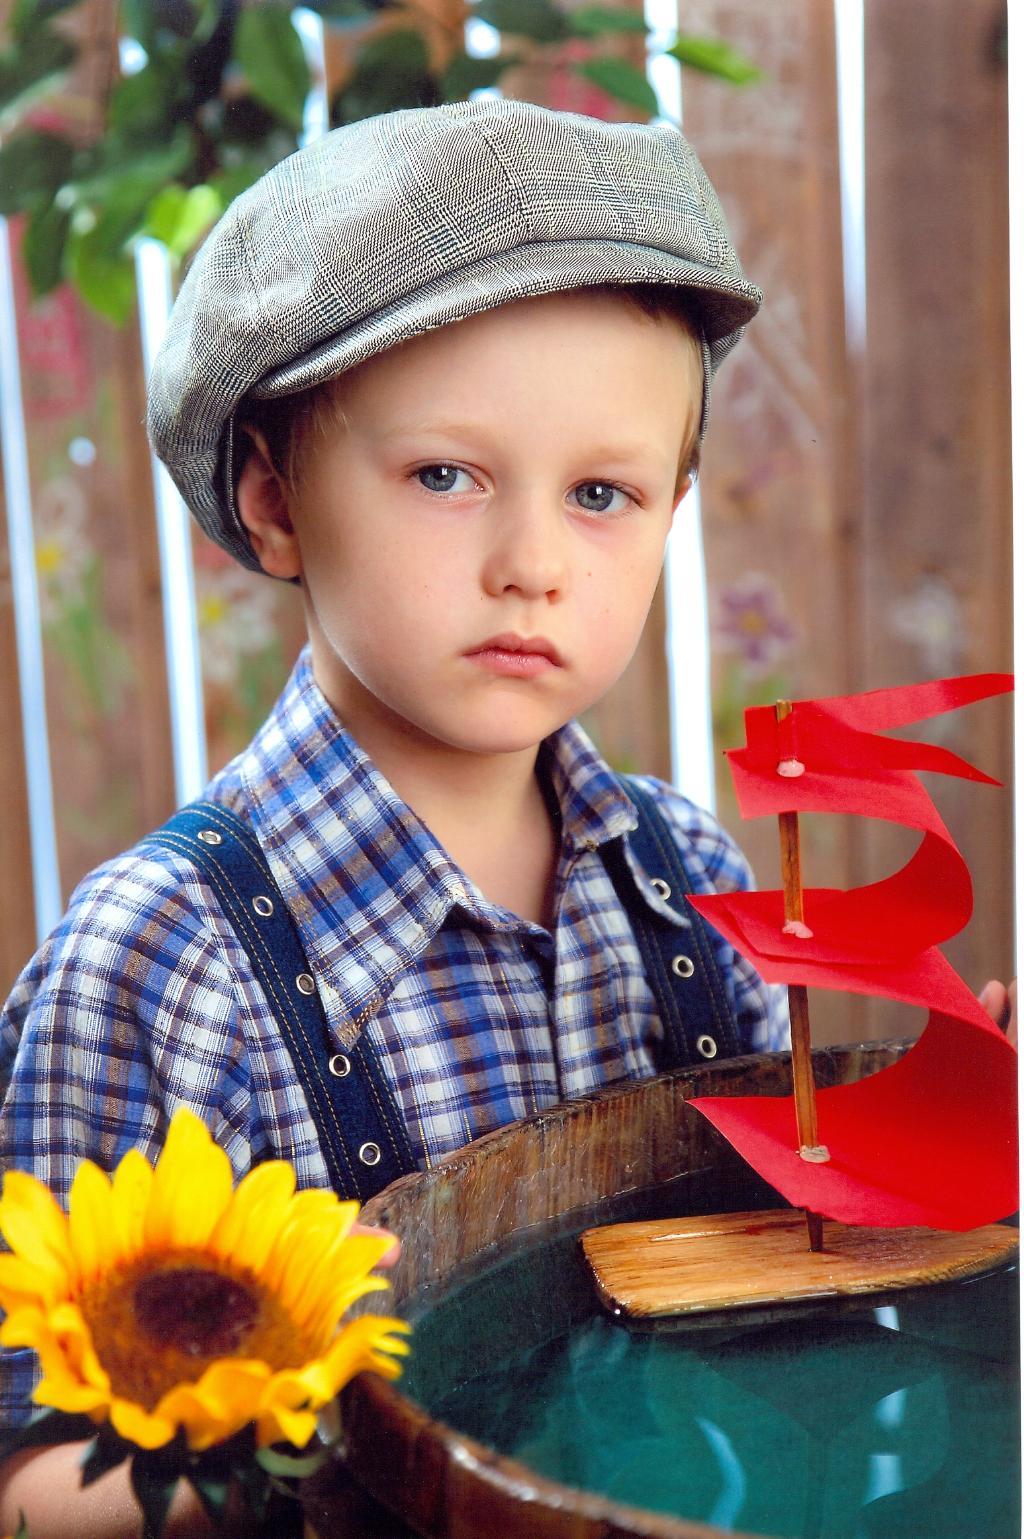 Том Сойер. Дети: художественное фото